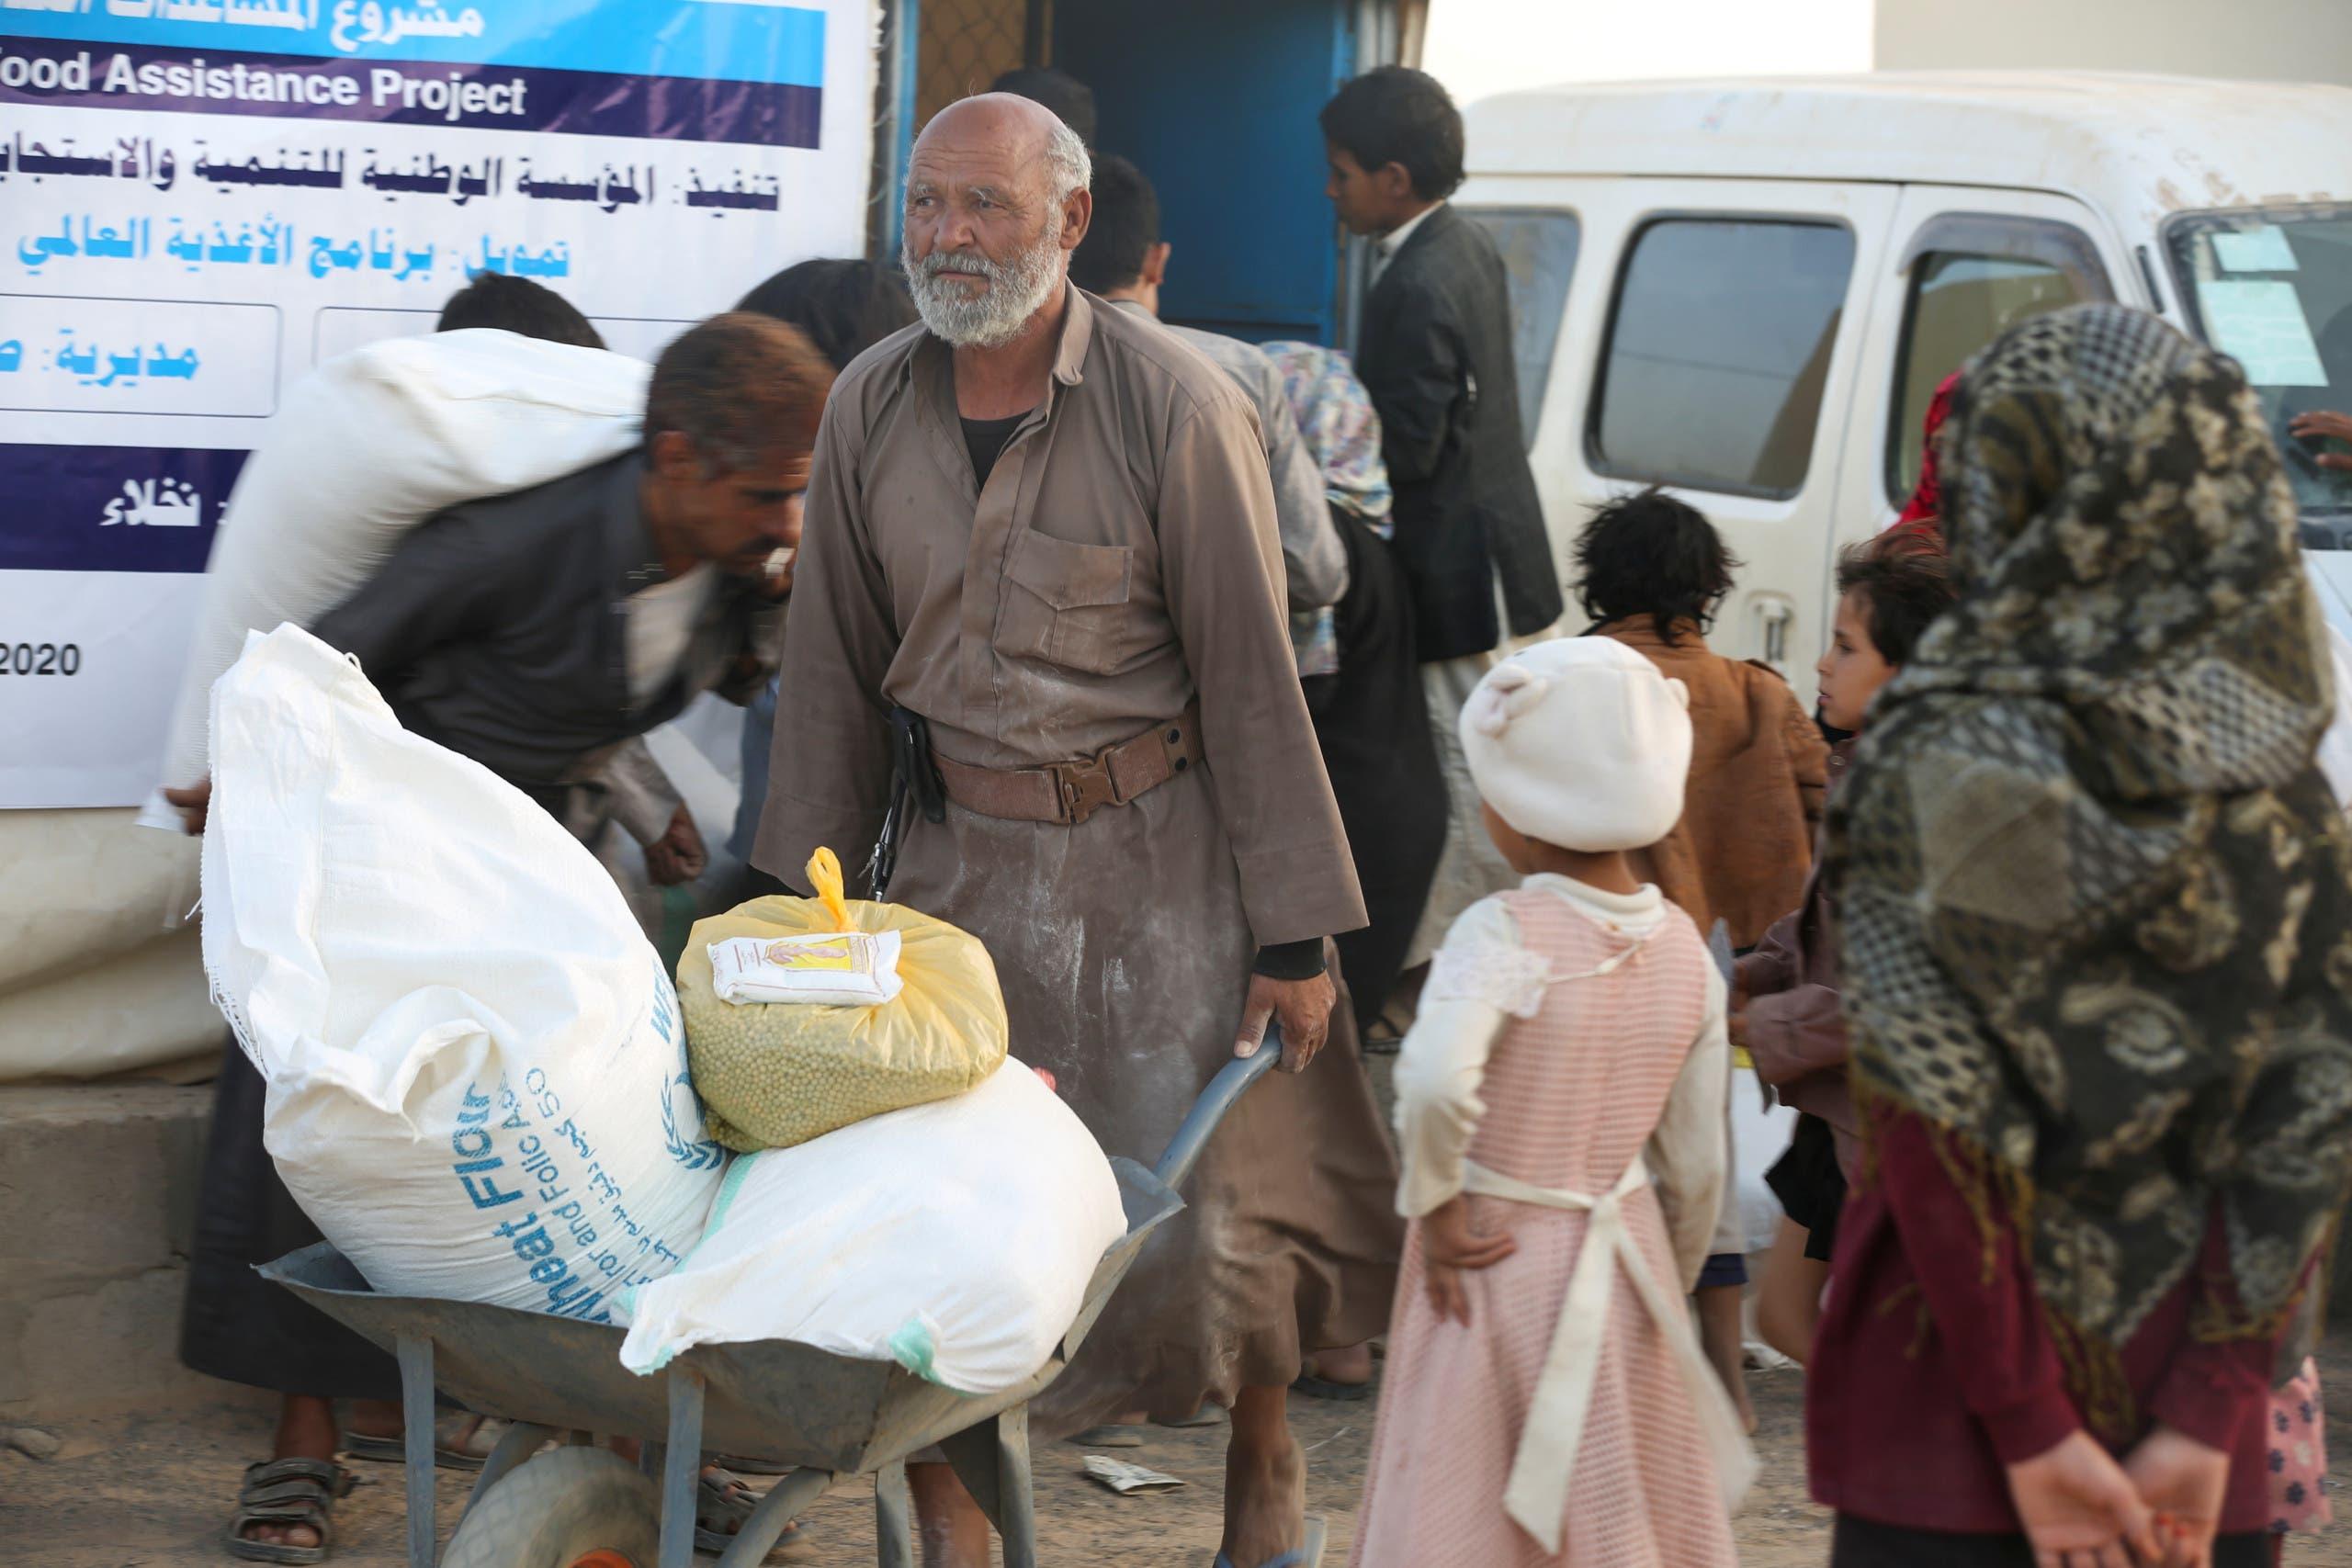 توزيع مساعدات غنسانية في مأرب في مارس الماضي